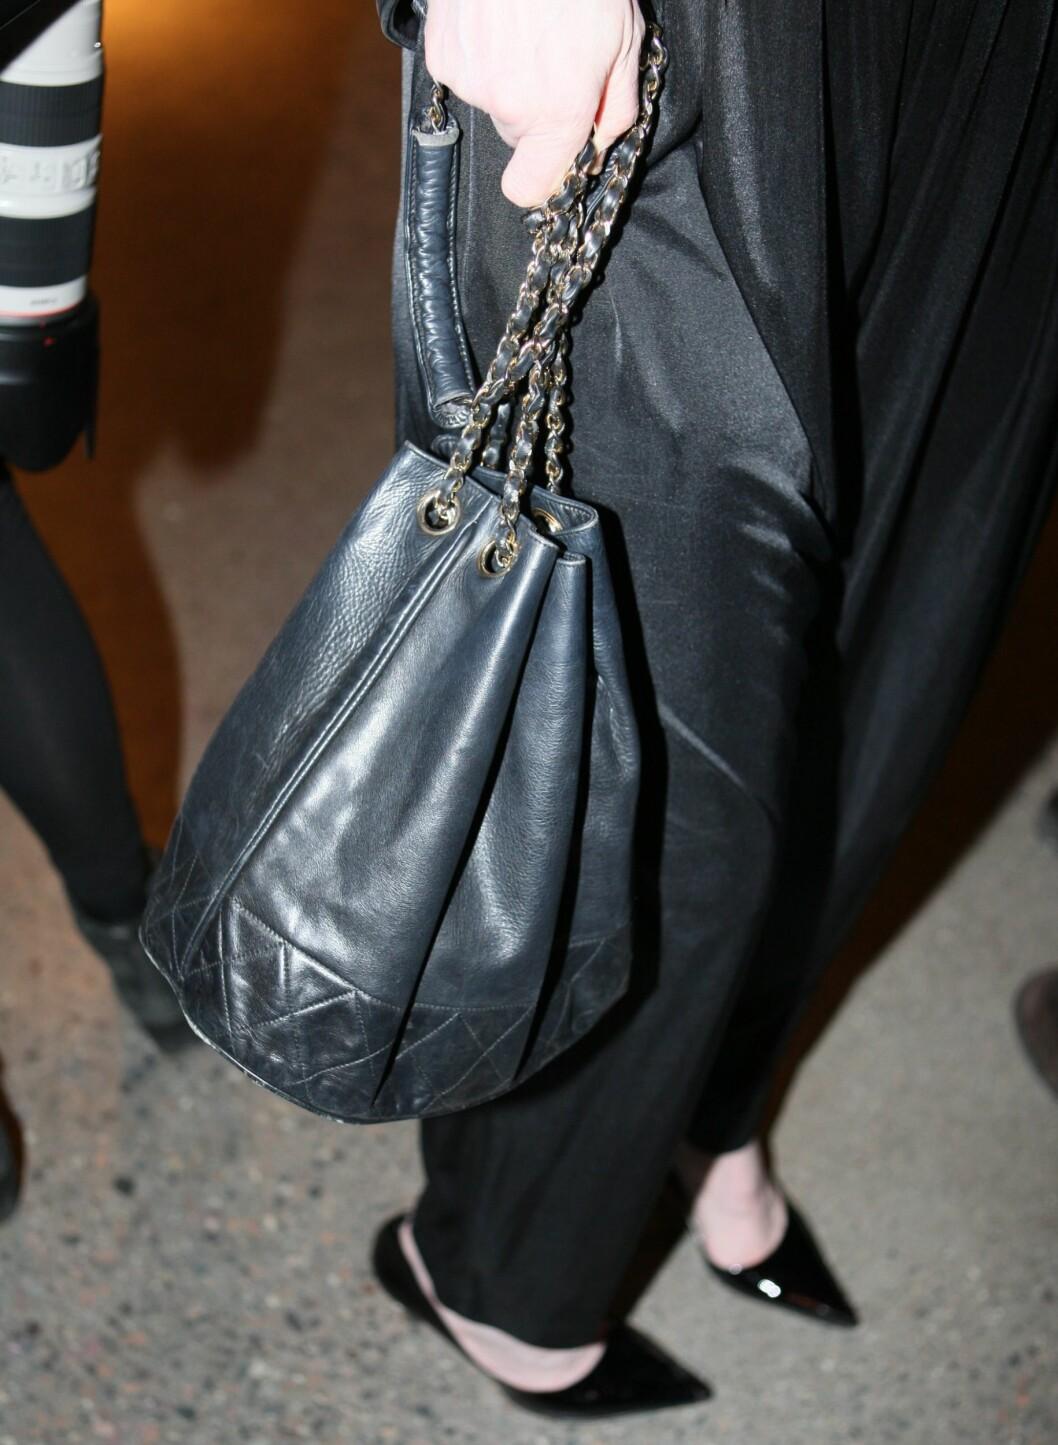 Åsa Formark elsker sin vintage Chanel-veske.  Foto: Per Ervland